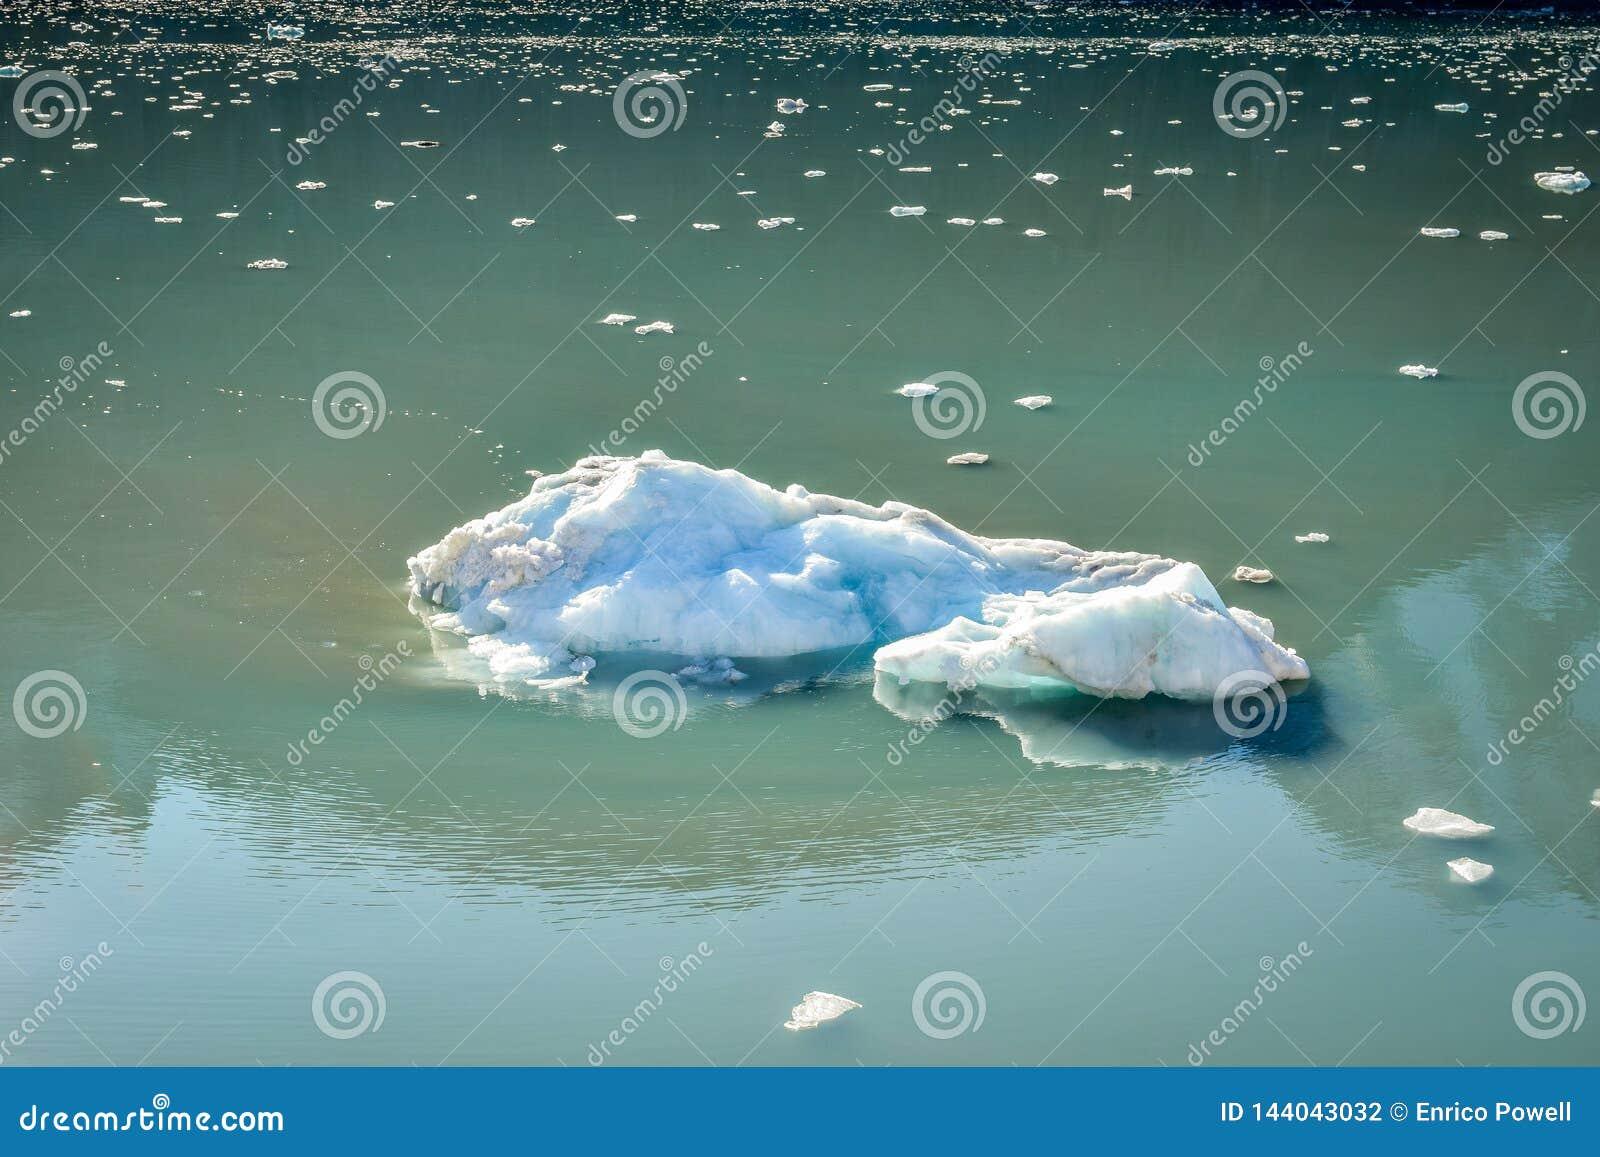 大消失冰山和许多微小的片断漂浮和